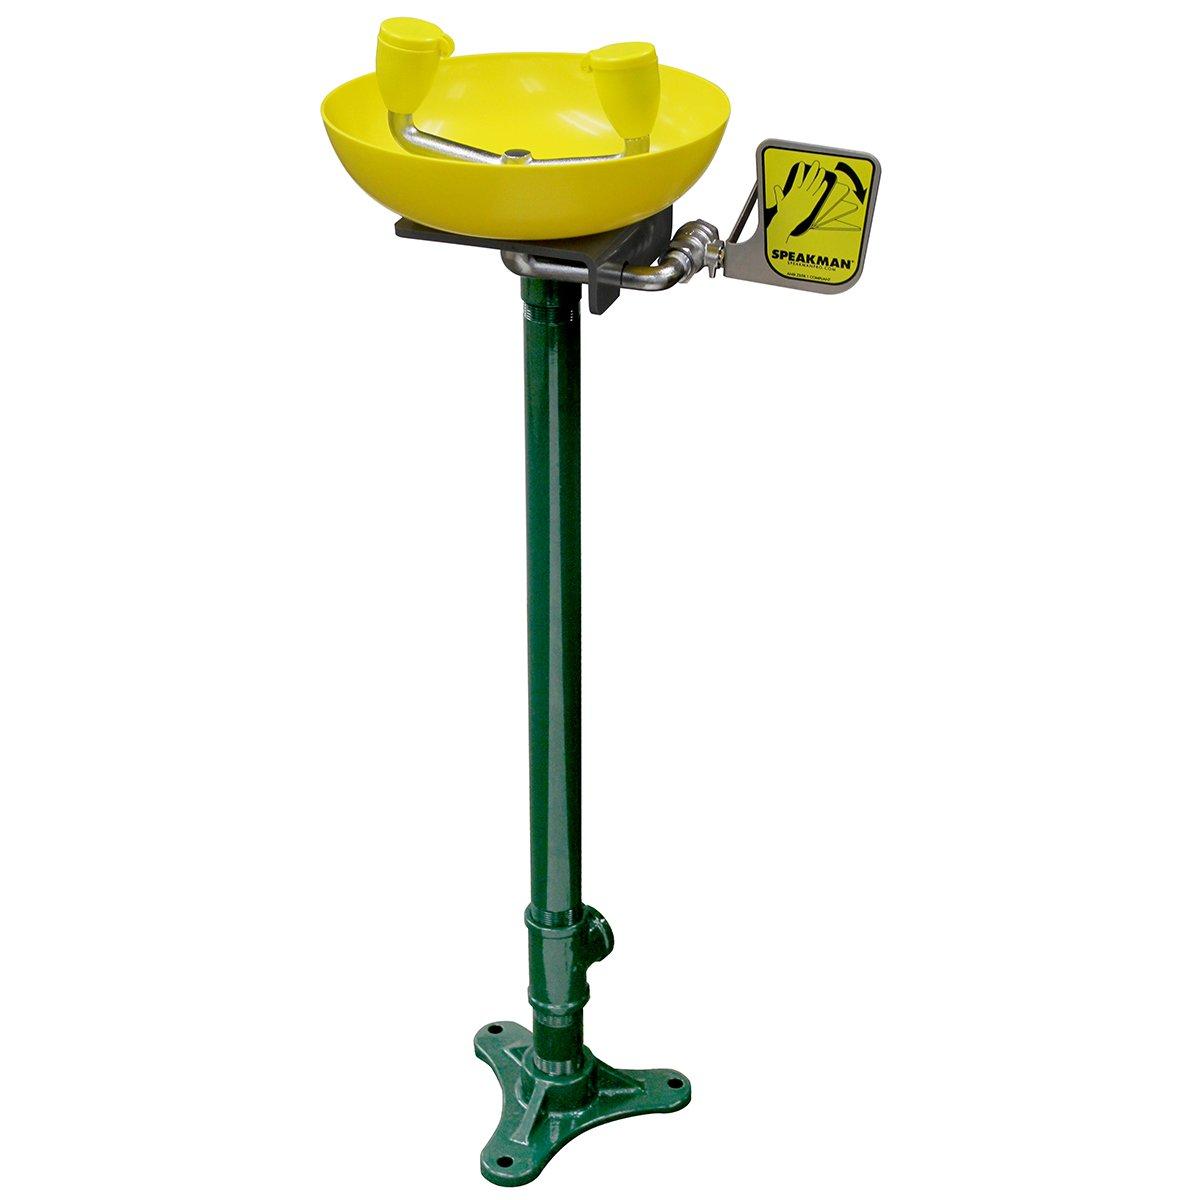 Speakman SE-583 Traditional Series Pedestal-Mounted Emergency Eyewash, Yellow by Speakman (Image #1)